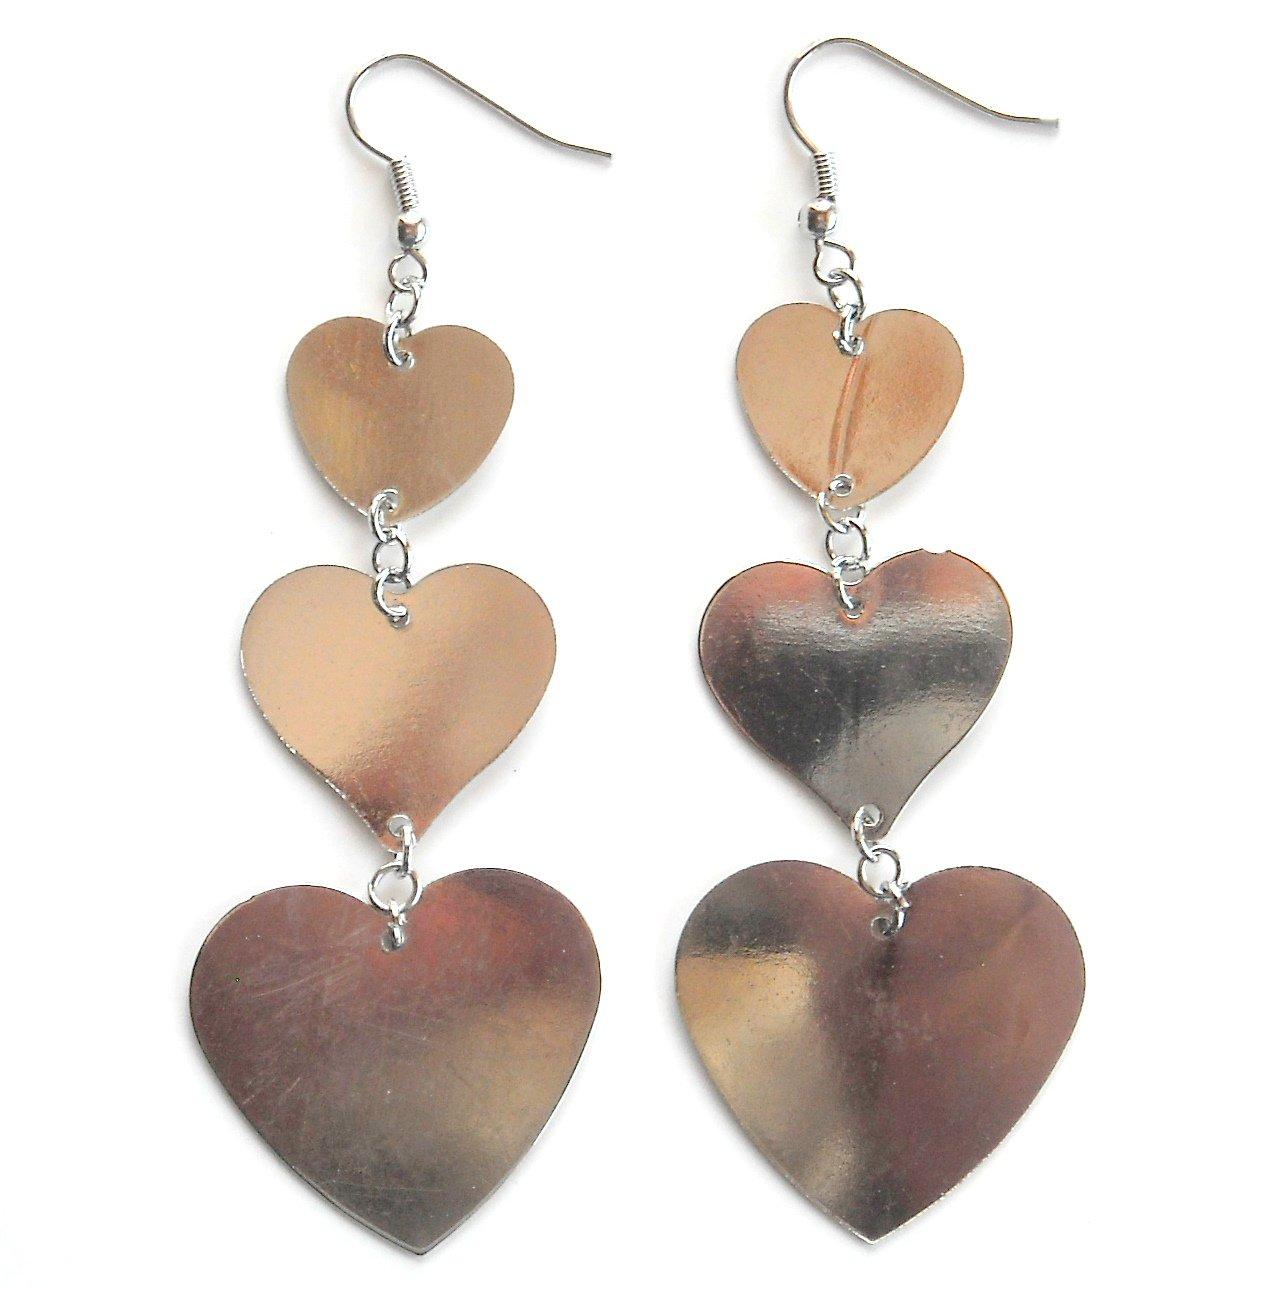 3 Hearts Silver color Metal Dangle Fashion Earrings